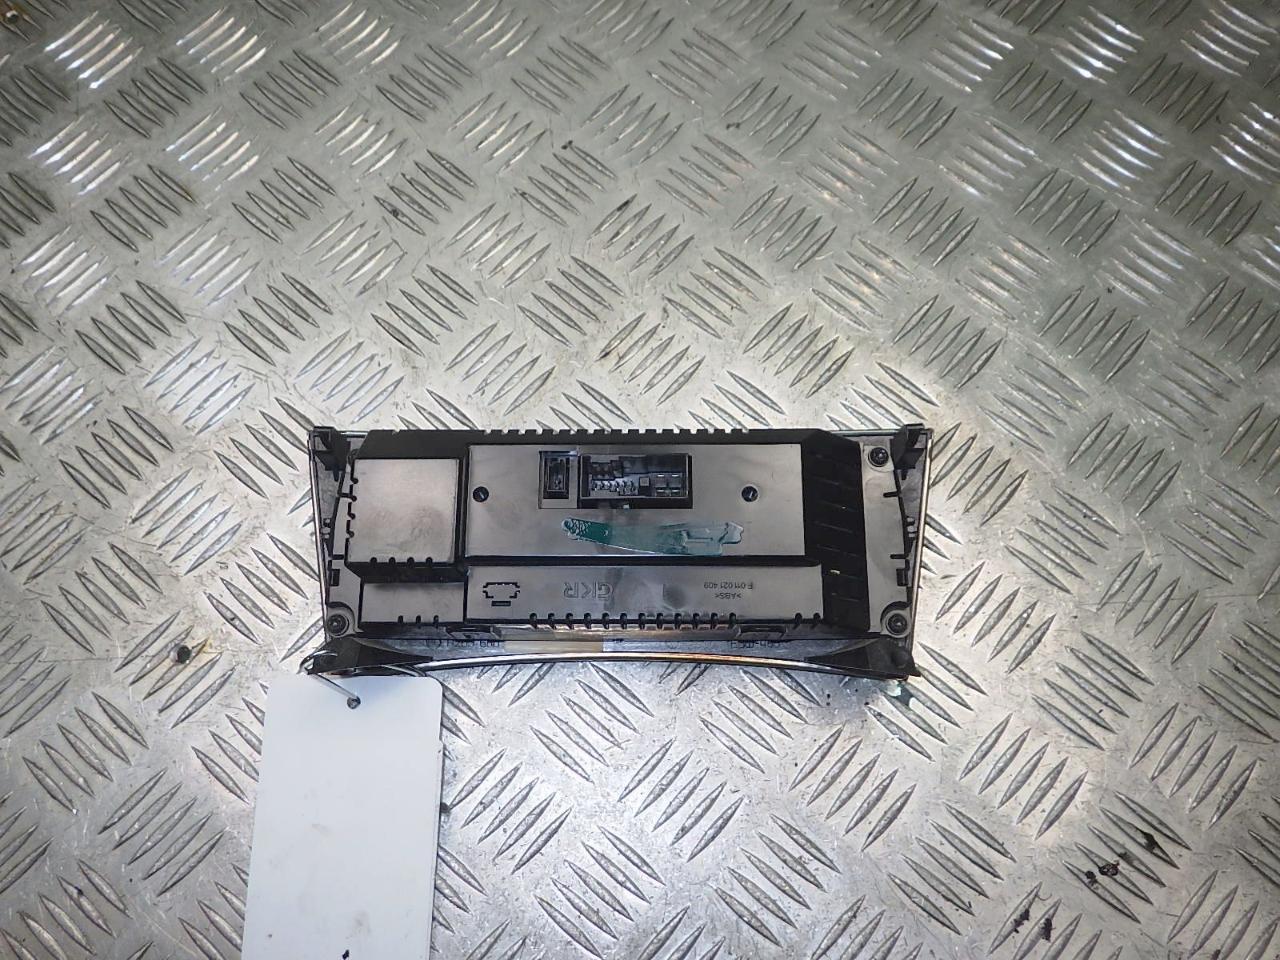 Kompressor Klimaanlage für Mercedes Sprinter 901 902 903 904 906 W211 S211 W203